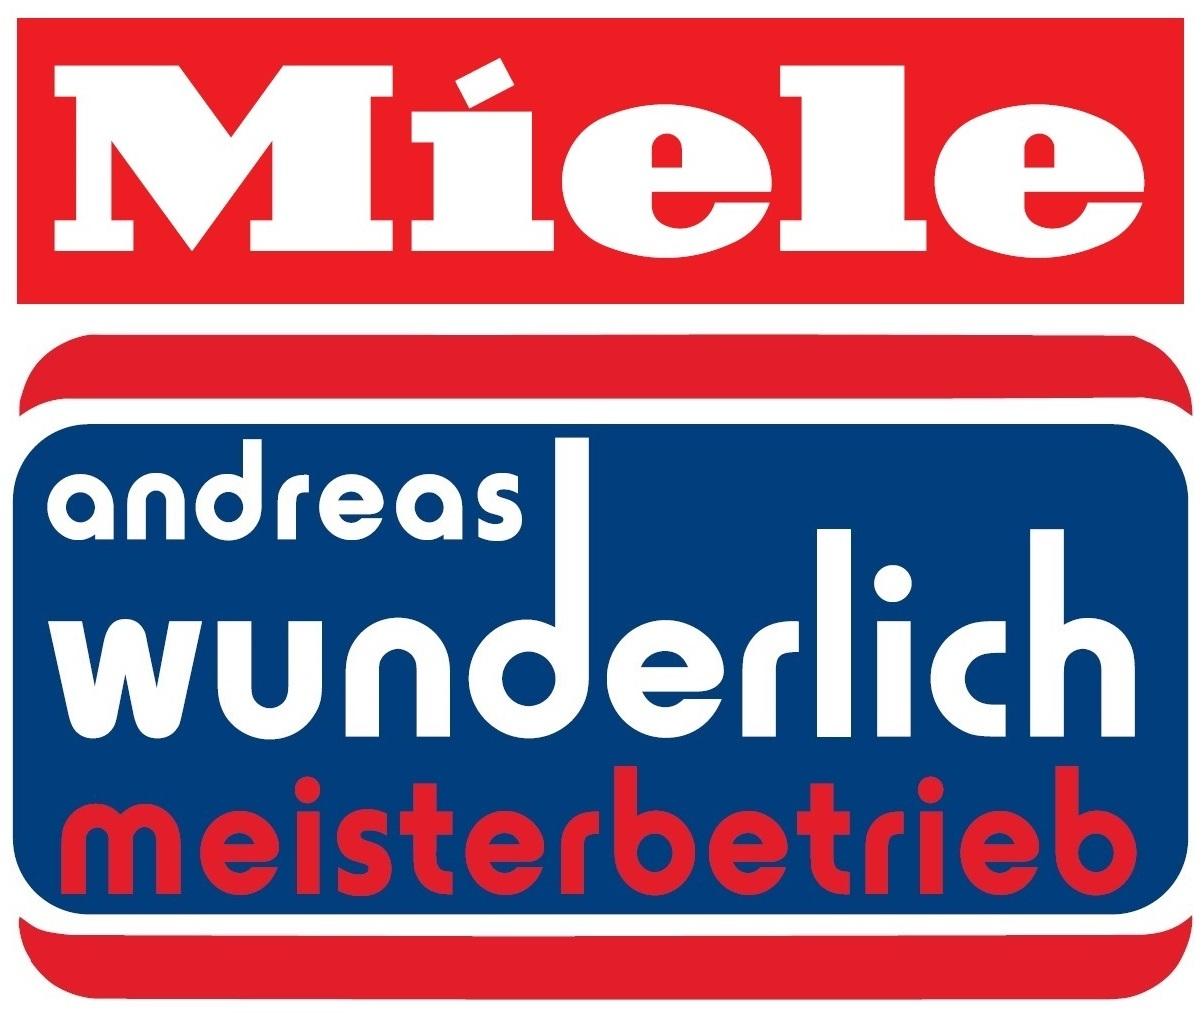 andreas wunderlich gmbh co kg hausger te kundendienst in mainz branchenbuch deutschland. Black Bedroom Furniture Sets. Home Design Ideas